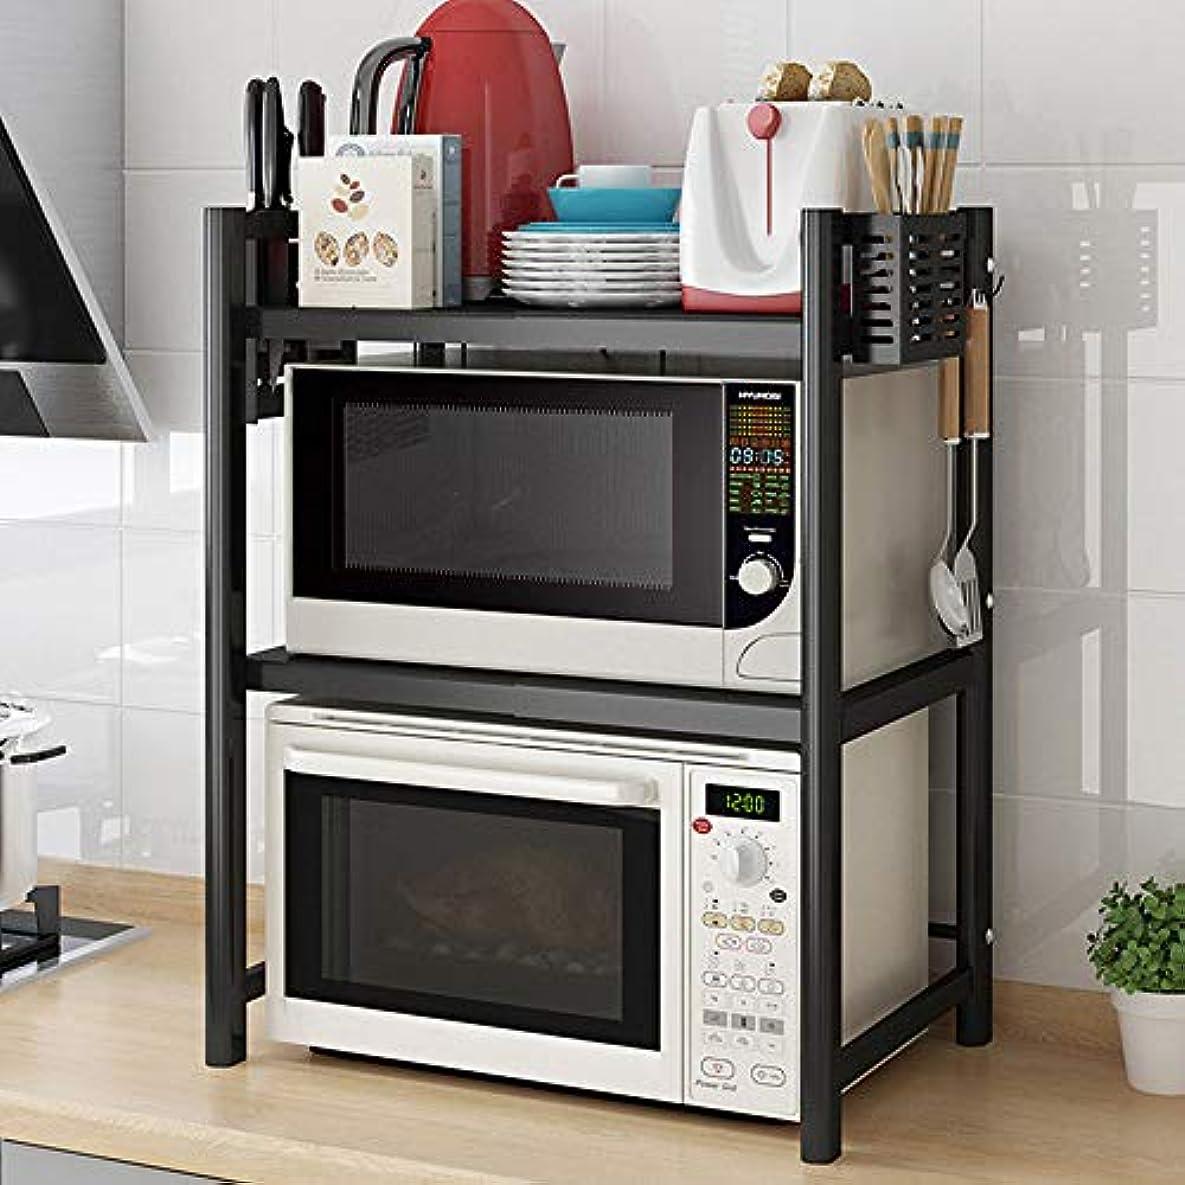 極端な親密な測定電子レンジラック、拡張可能で高さ調整可能な電子棚、2層のキッチンカウンター棚、3つのフックが付いたオーガナイザー。省スペースの耐久性のあるステンレス鋼の棚.